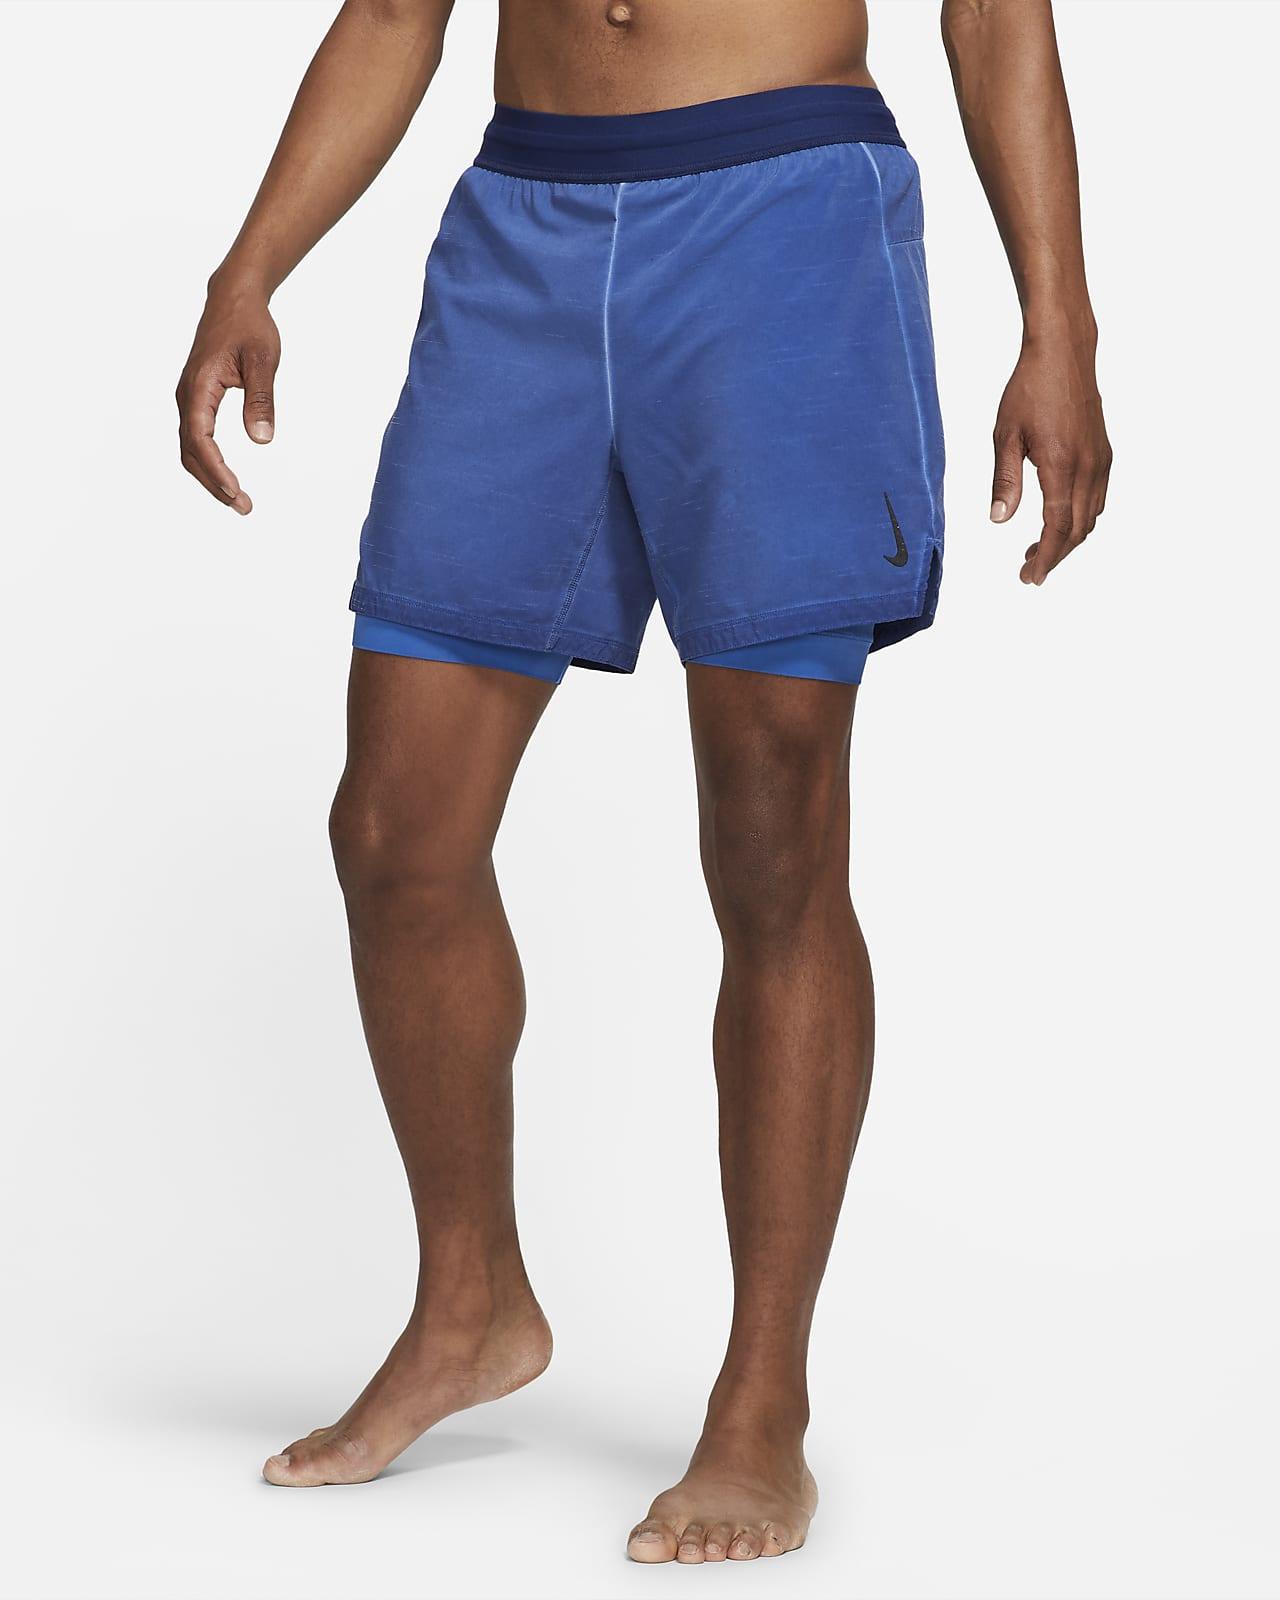 Shorts 2 en 1 para hombre Nike Yoga Dri-FIT